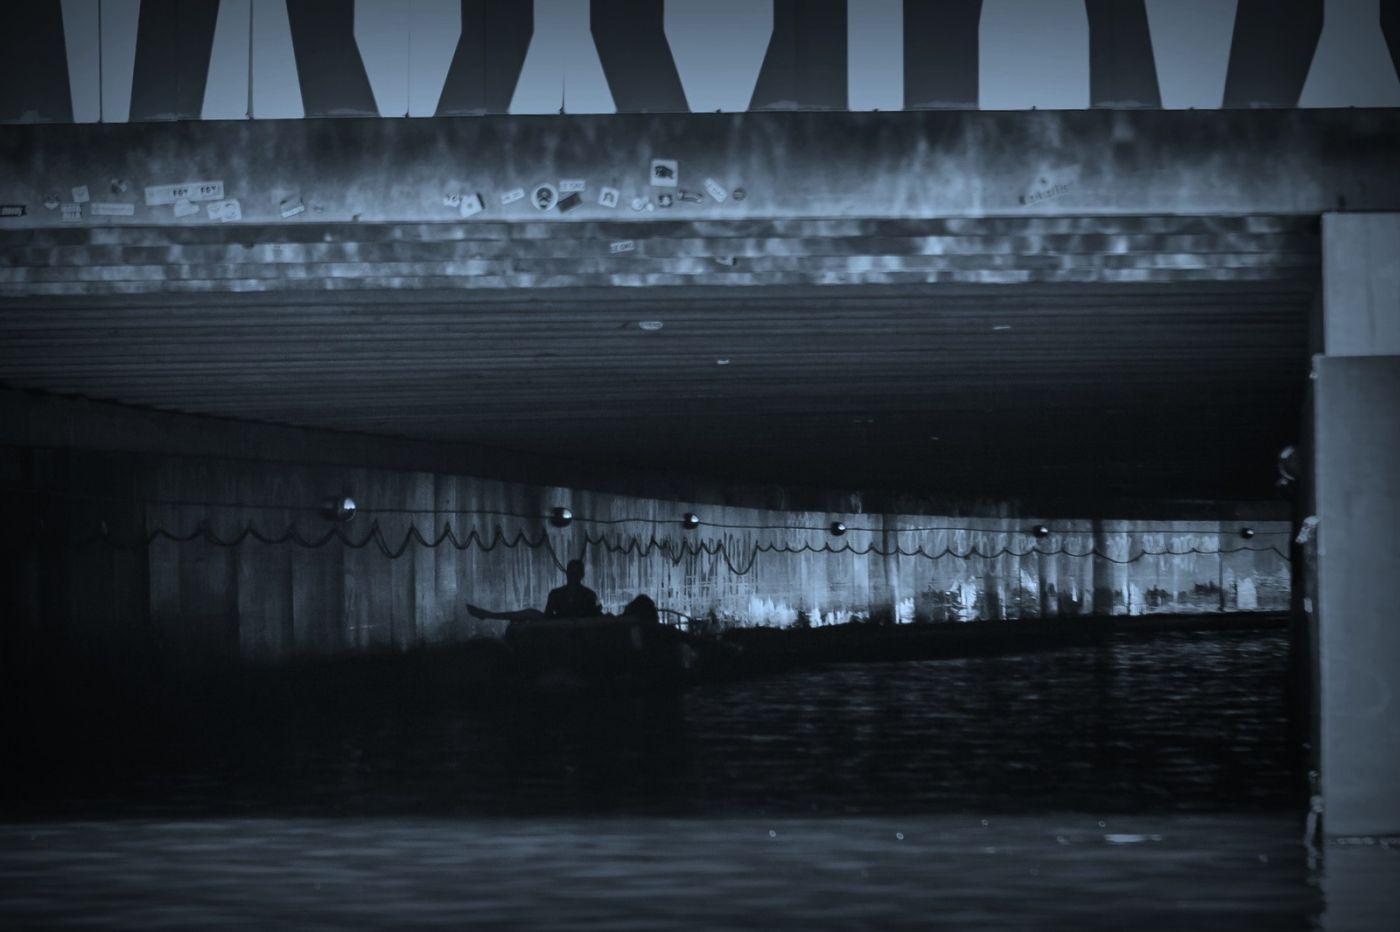 丹麦哥本哈根,坐船看市景_图1-27